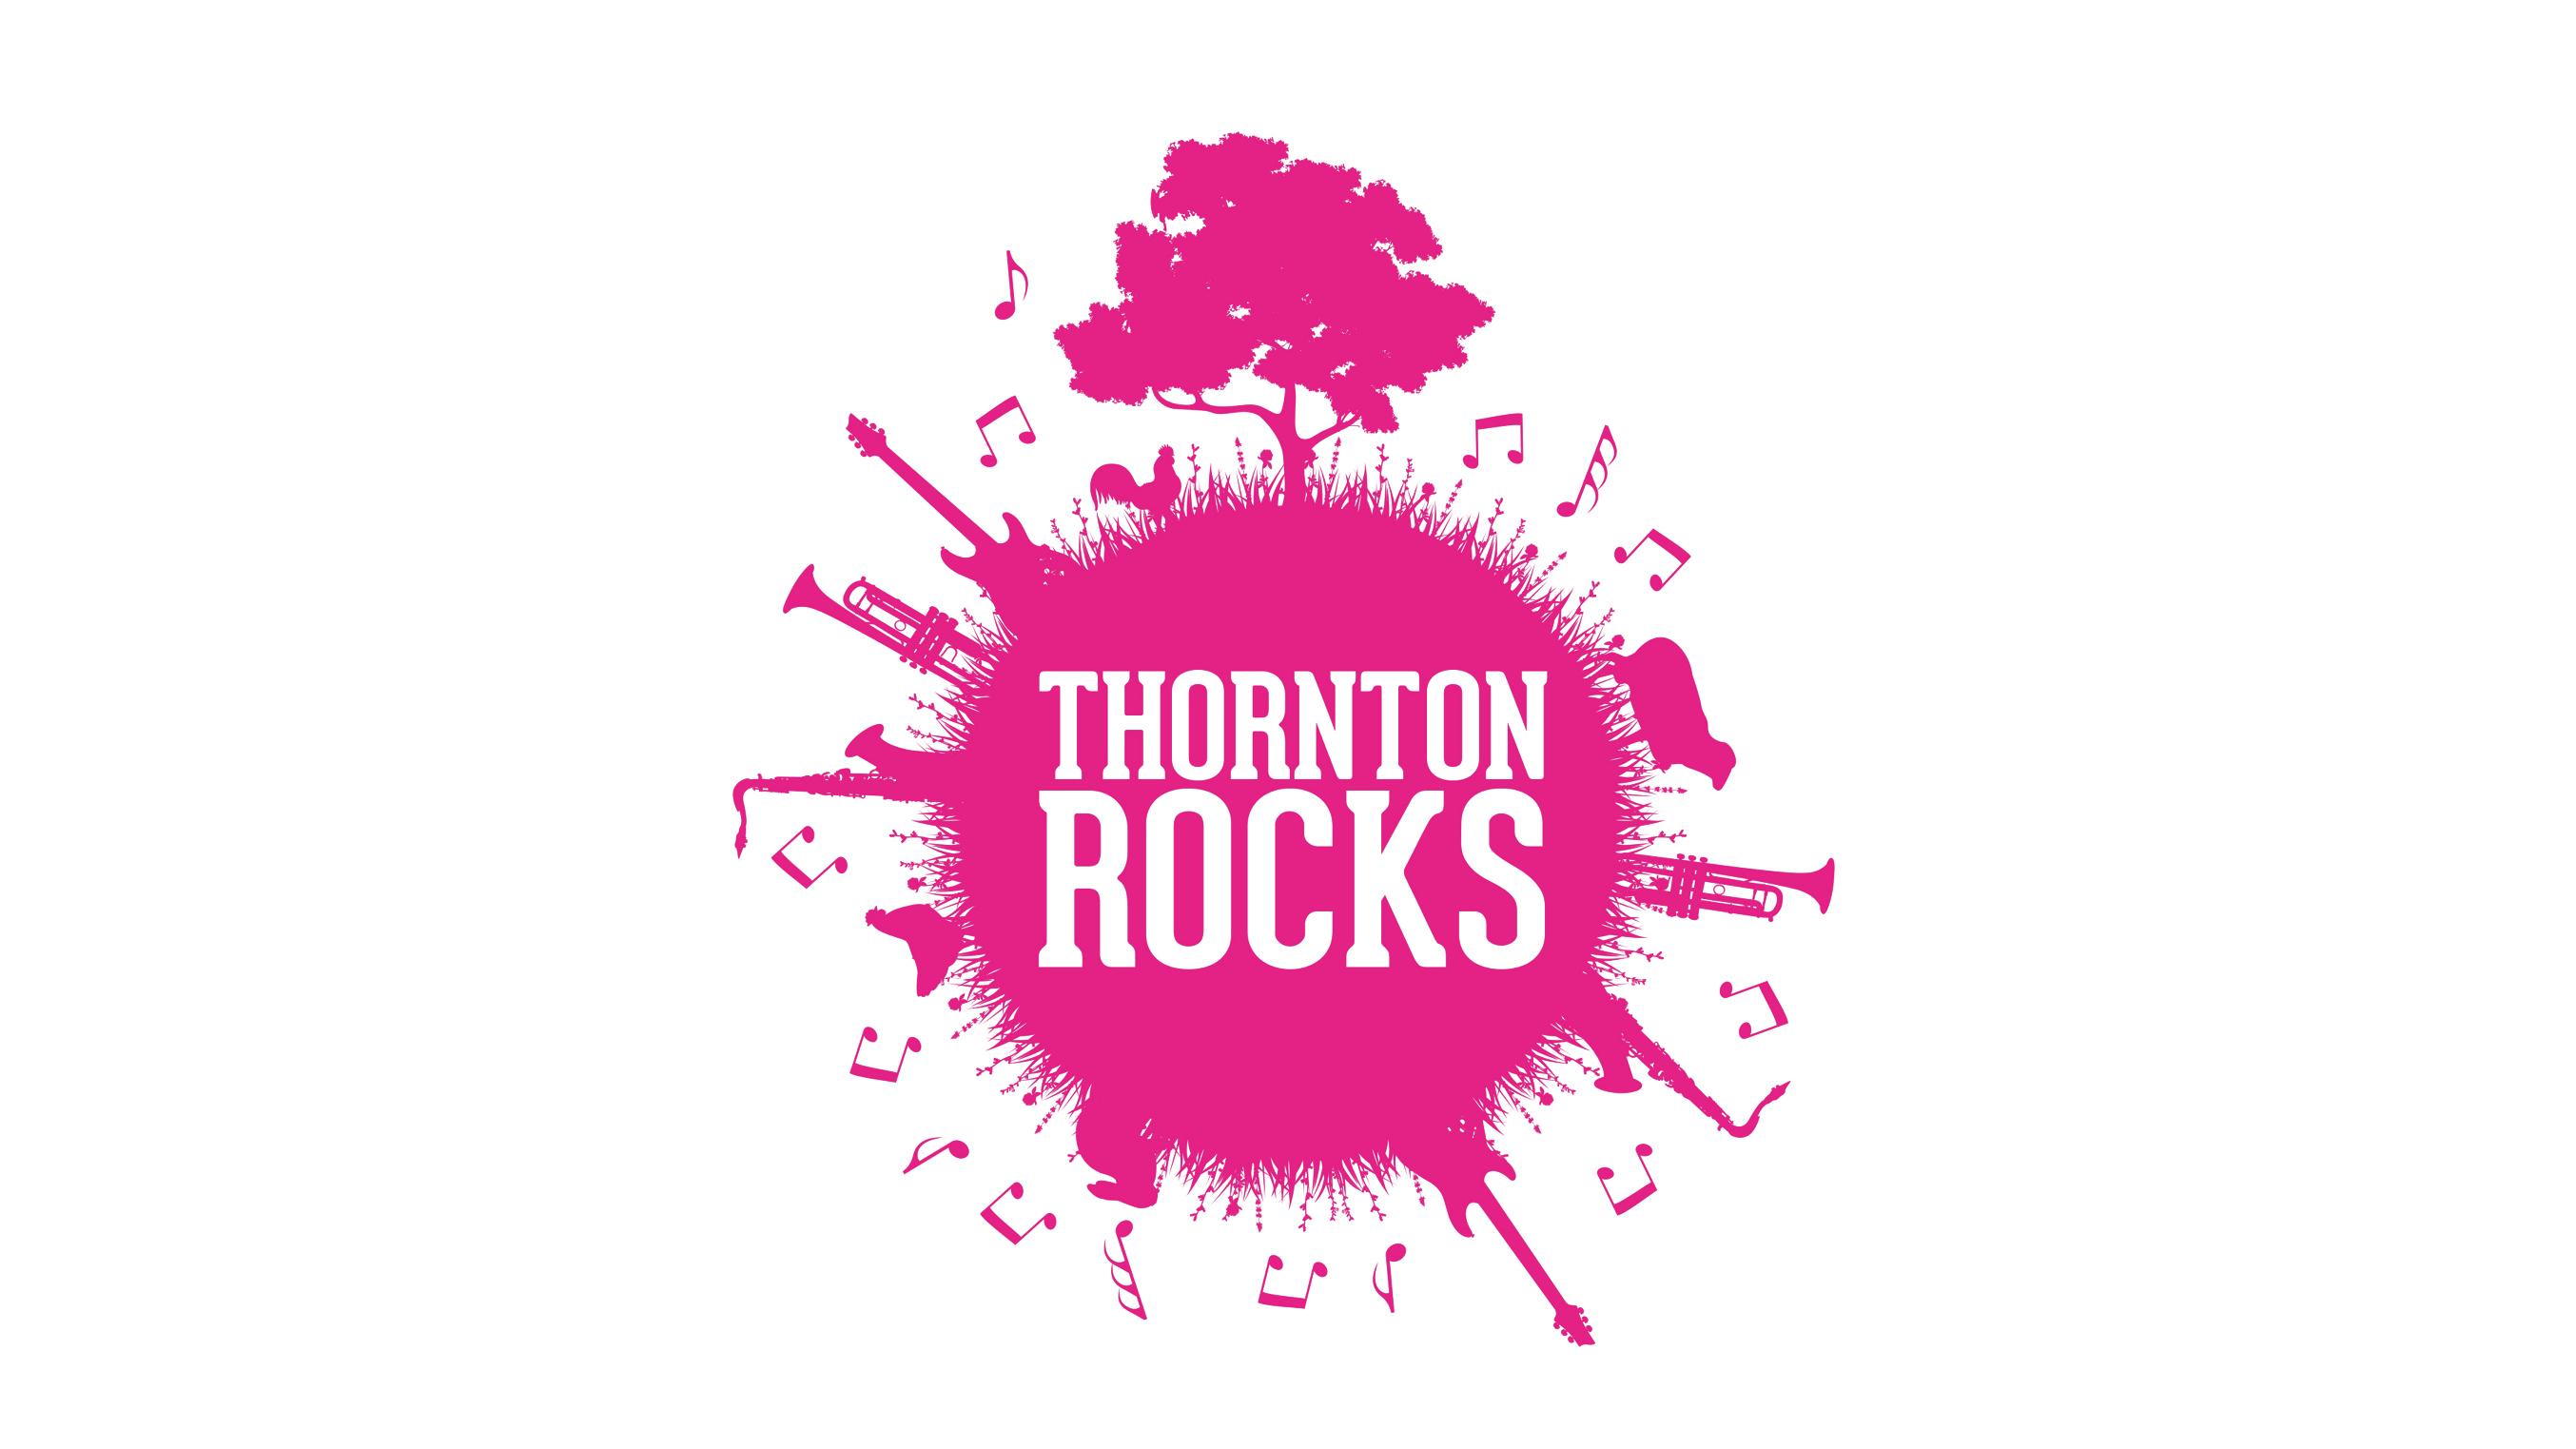 thorntonrocks